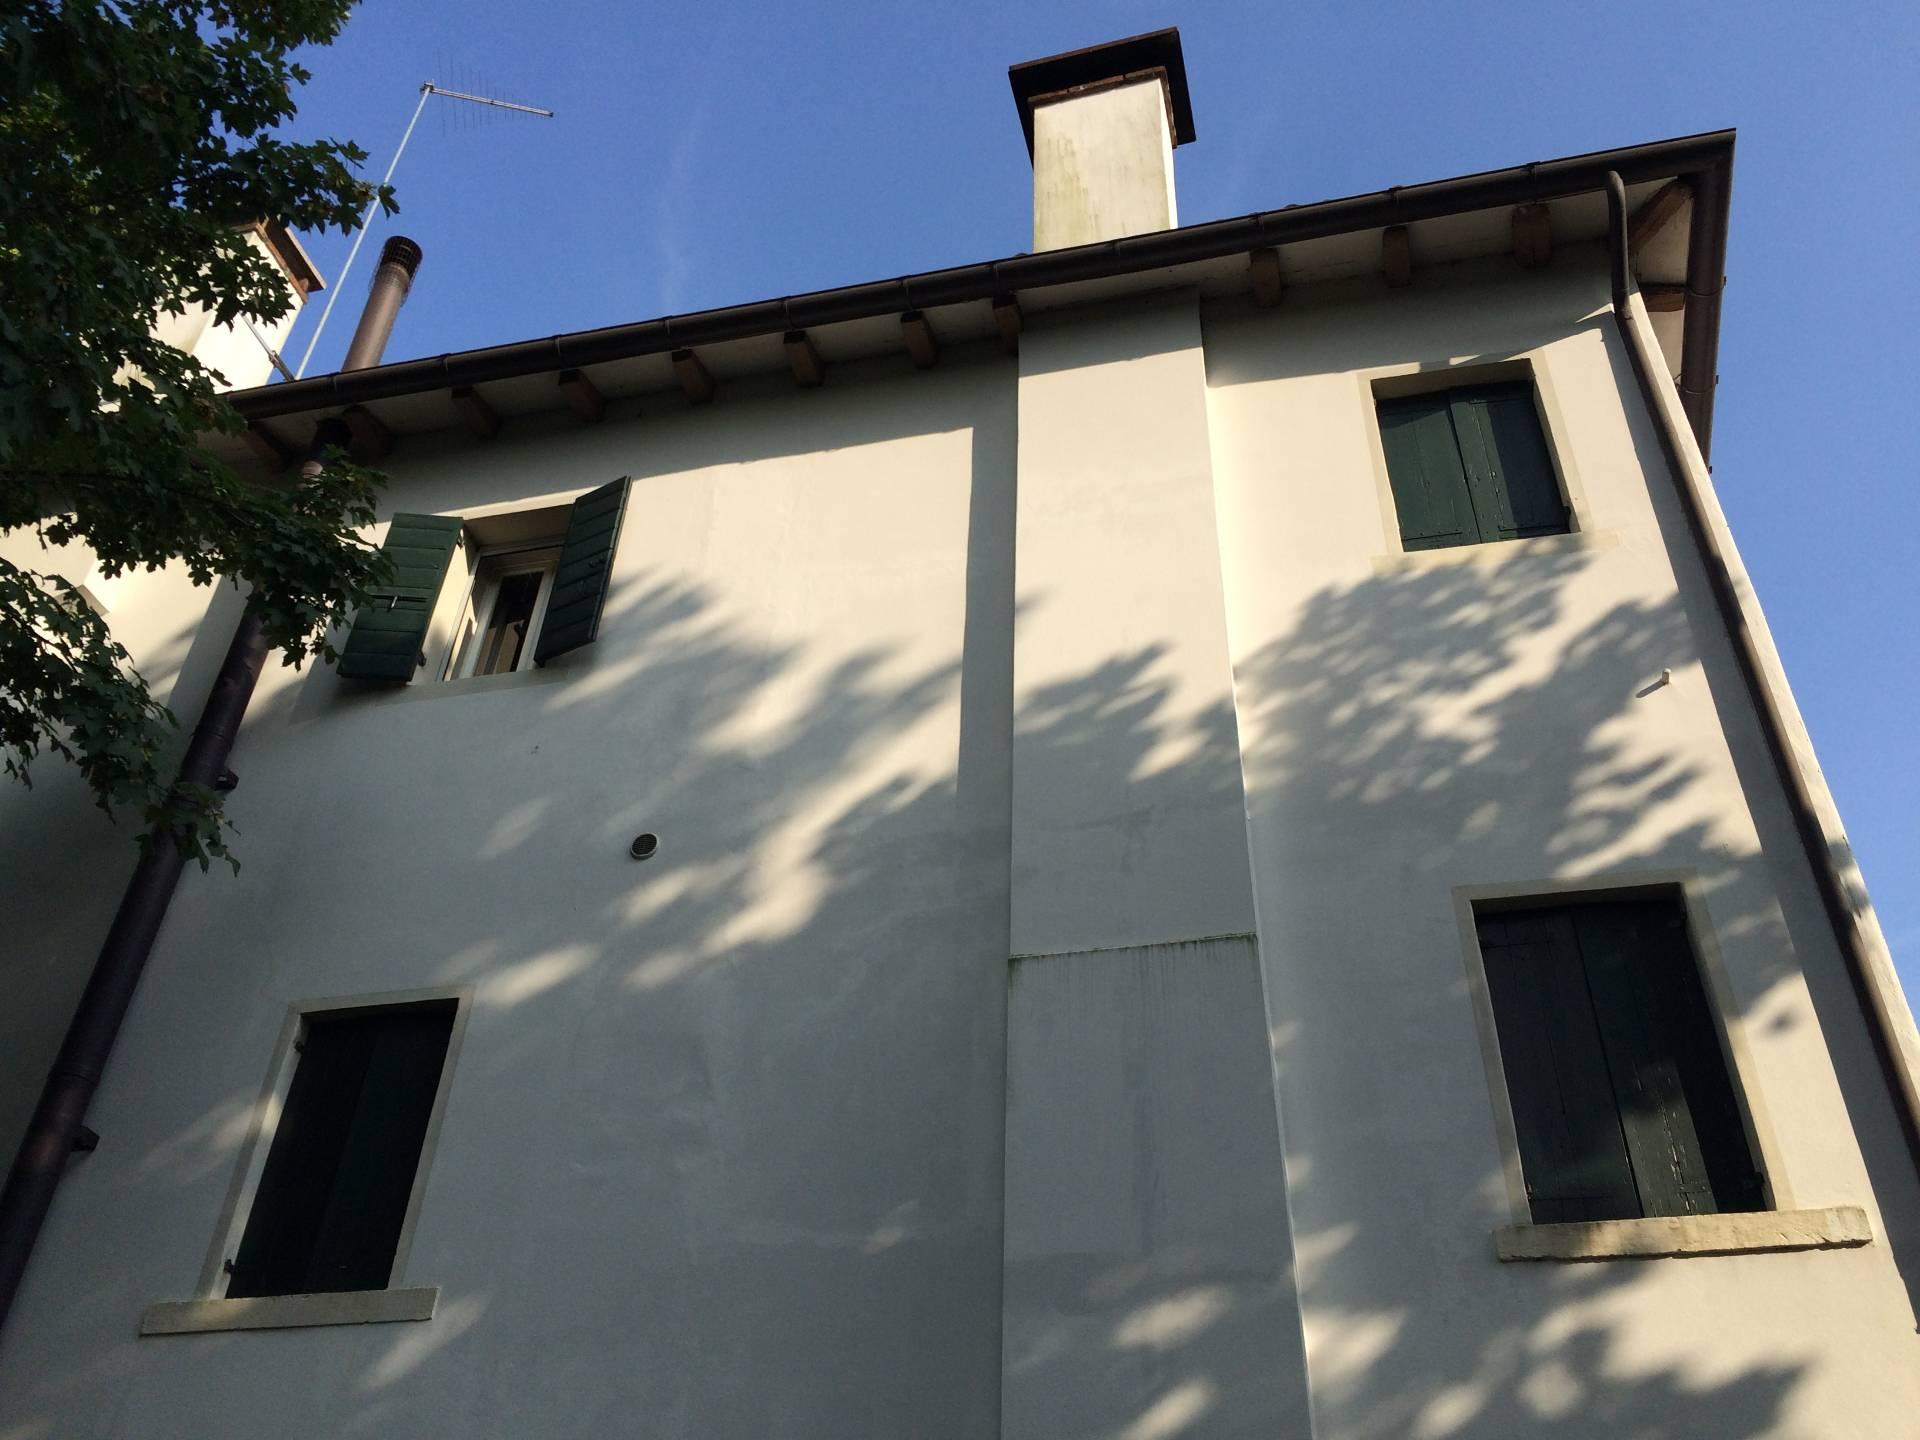 Villa in vendita a Spresiano, 20 locali, zona Località: Centro, prezzo € 450.000 | Cambio Casa.it